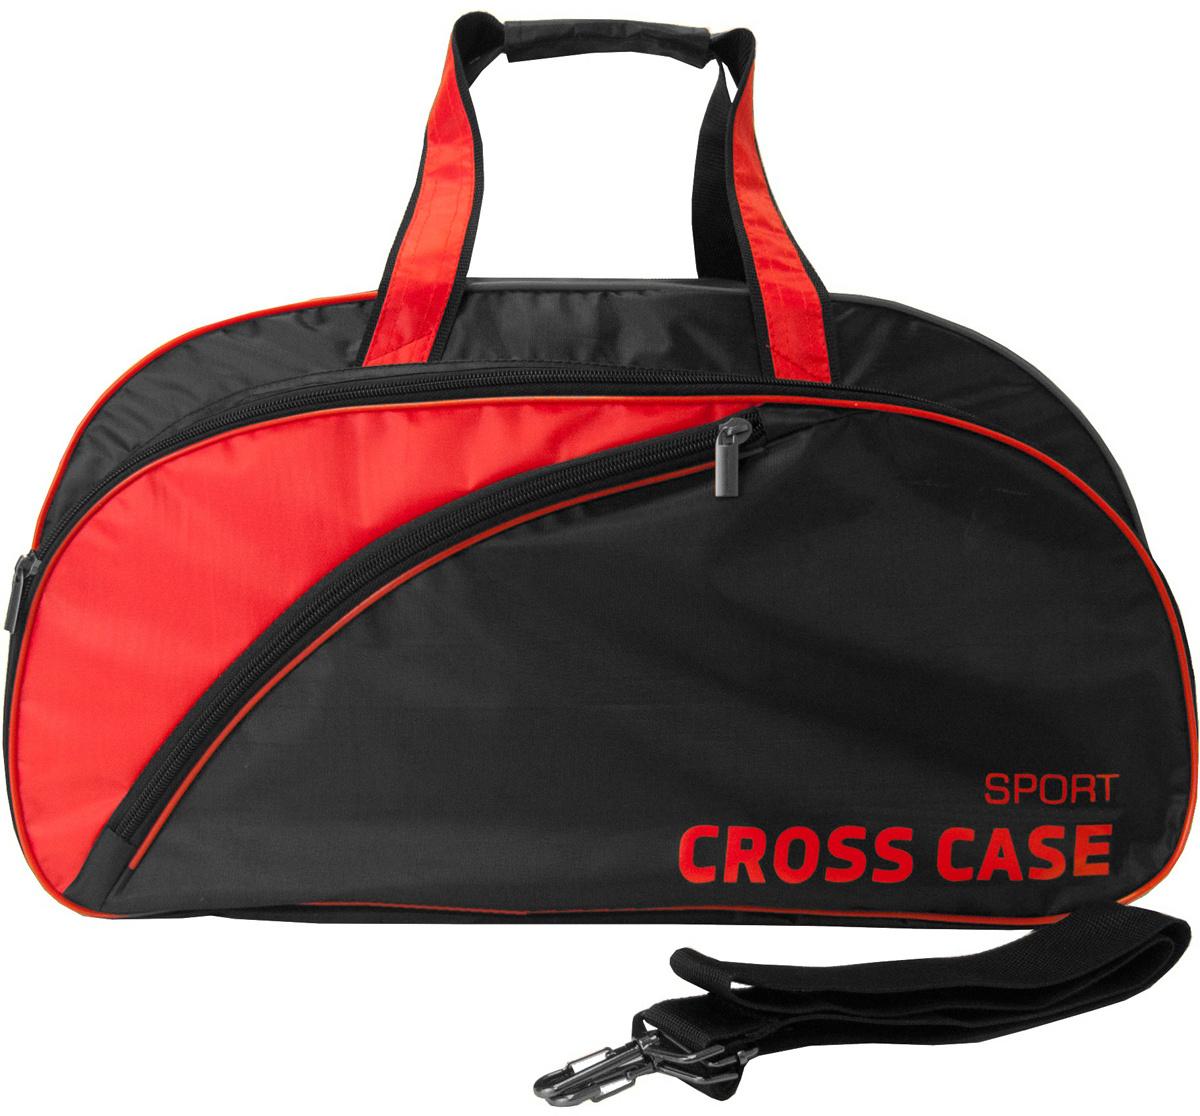 0842b0295873 Сумка мужская Cross Case, цвет: черный, красный. CCS-1039-01 — купить в  интернет-магазине OZON.ru с быстрой доставкой